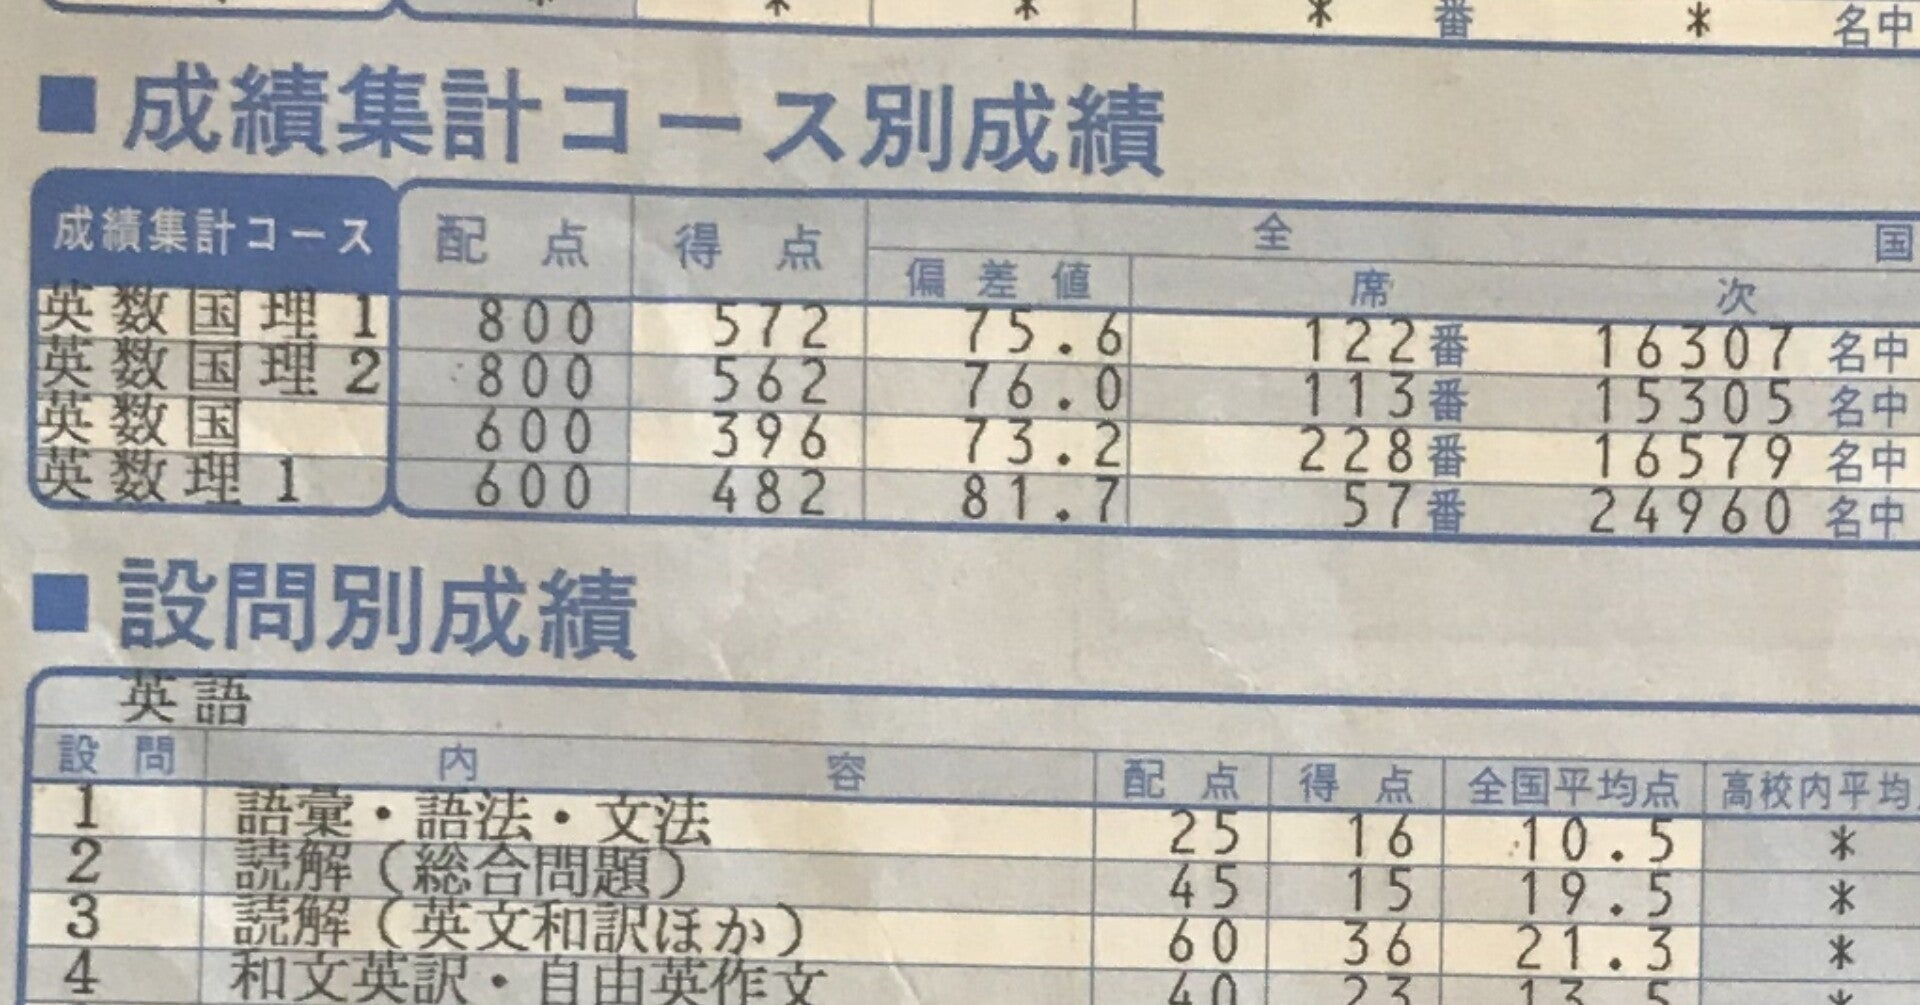 日能研 偏差 値 40 台